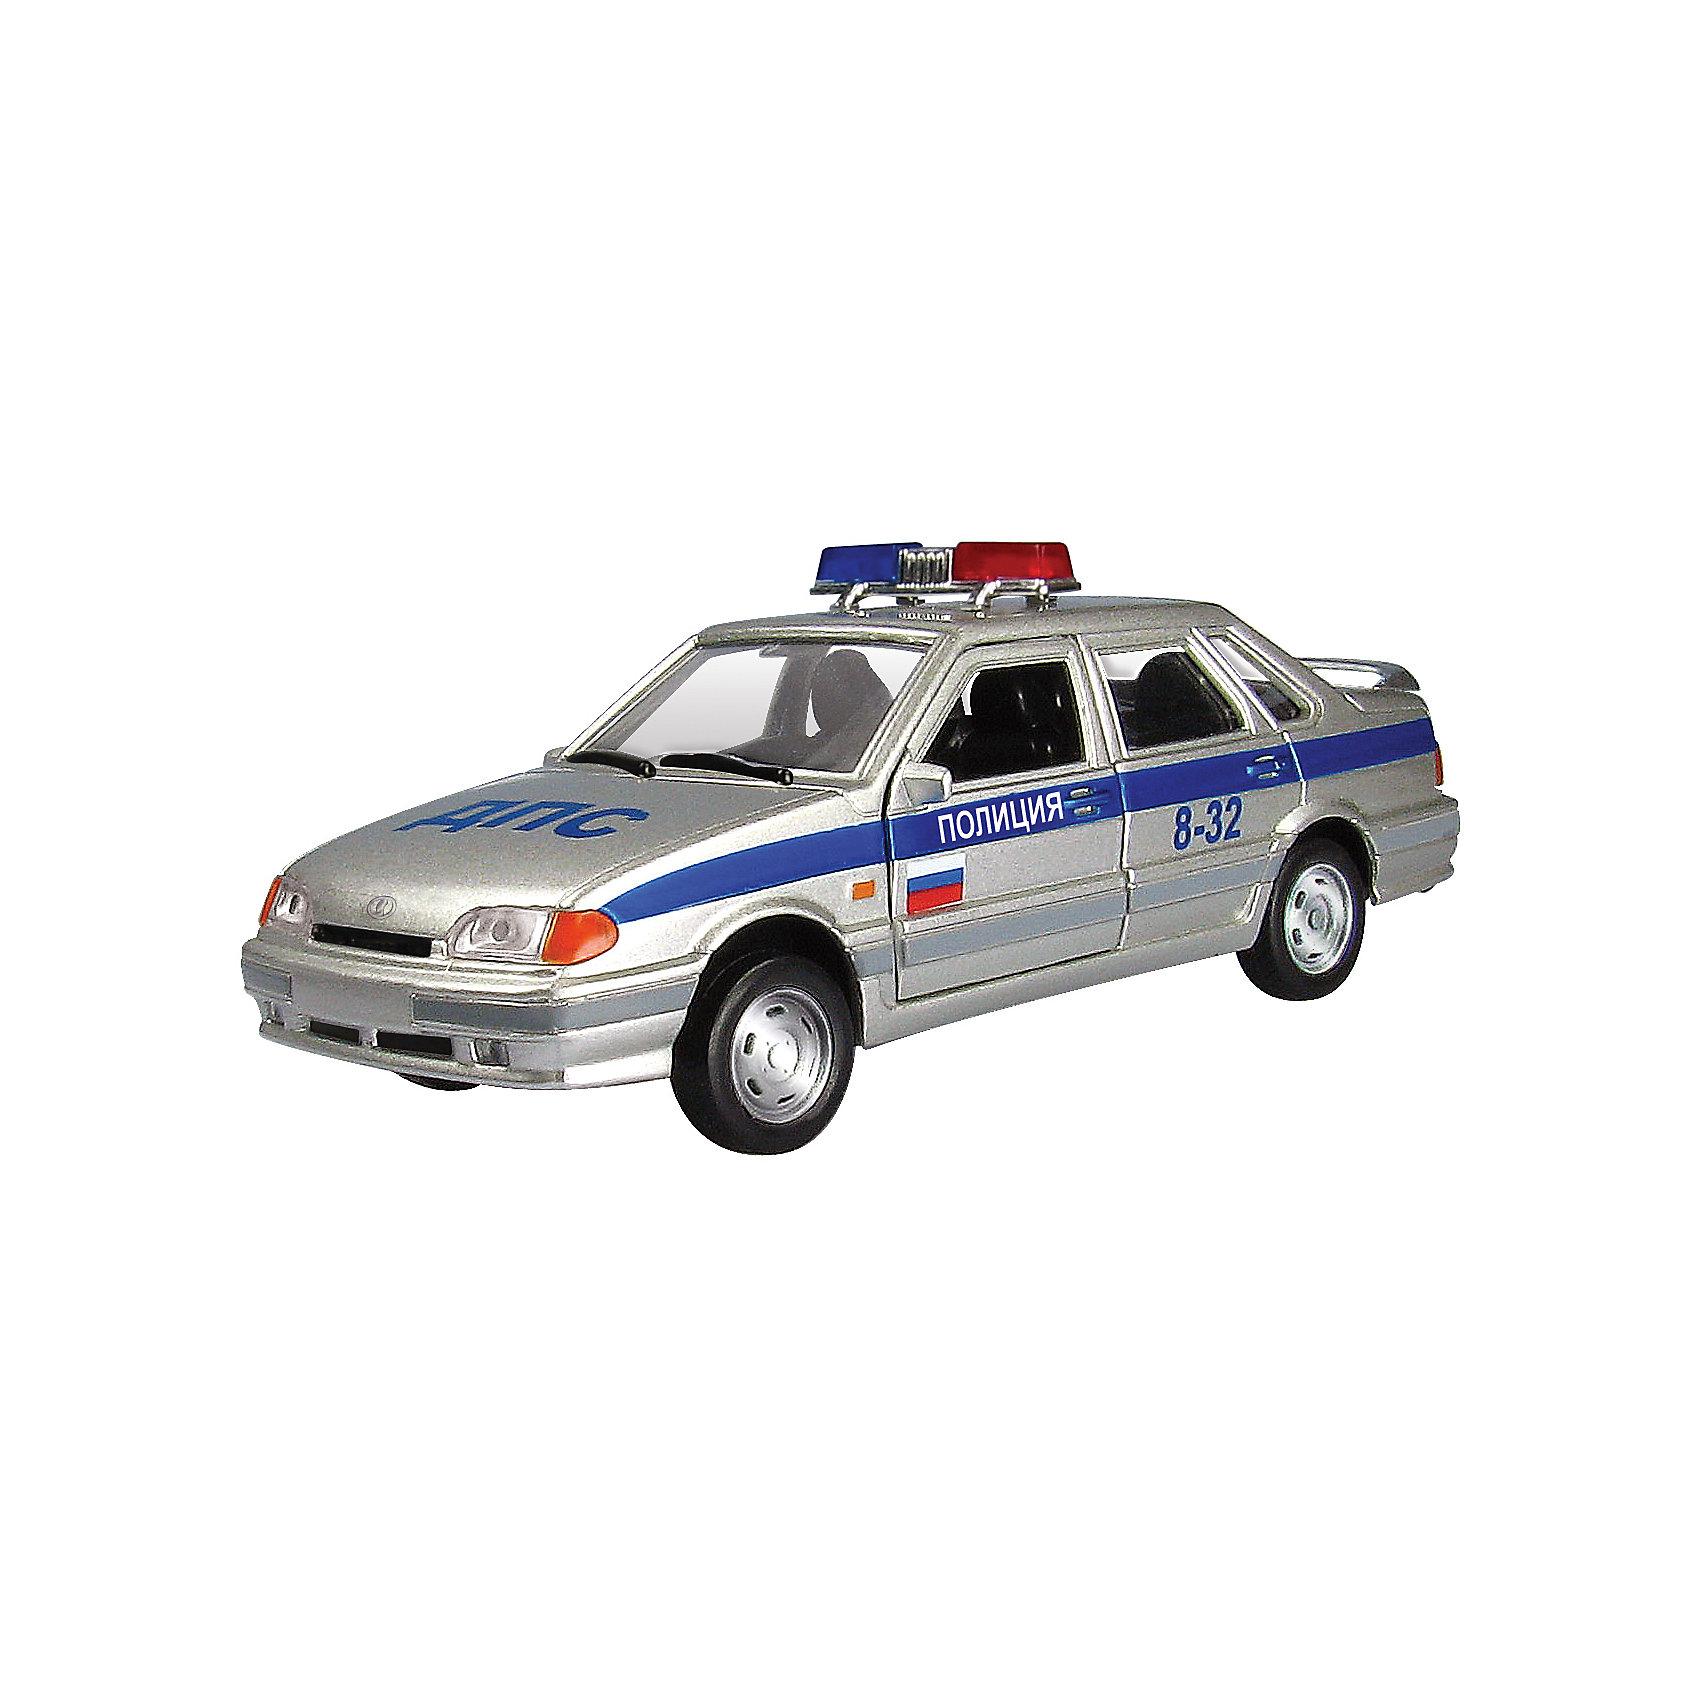 Машина LADA SAMARA, ДПС, 1:36МашинаLADA SAMARA, ДПС, - коллекционная модель, являющая копией настоящего автомобиля, сделанной в масштабе 1:36. Машинка станет прекрасным подарком всем юным автолюбителям и займет достойное место в любой коллекции автомобилей. Игрушка имеет инерционный механизм и открывающиеся двери, выполнена из высококачественных прочных безопасных материалов. <br><br>Дополнительная информация:<br><br>- Материал: пластик, металл.<br>- Масштаб: 1:36.<br>- Колеса подвижные.<br>- Двери открываются.<br>- Инерционный механизм. <br><br>Машину LADA SAMARA, ДПС, 1:36, можно купить в нашем магазине.<br><br>Ширина мм: 165<br>Глубина мм: 57<br>Высота мм: 72<br>Вес г: 175<br>Возраст от месяцев: 36<br>Возраст до месяцев: 84<br>Пол: Мужской<br>Возраст: Детский<br>SKU: 4515347